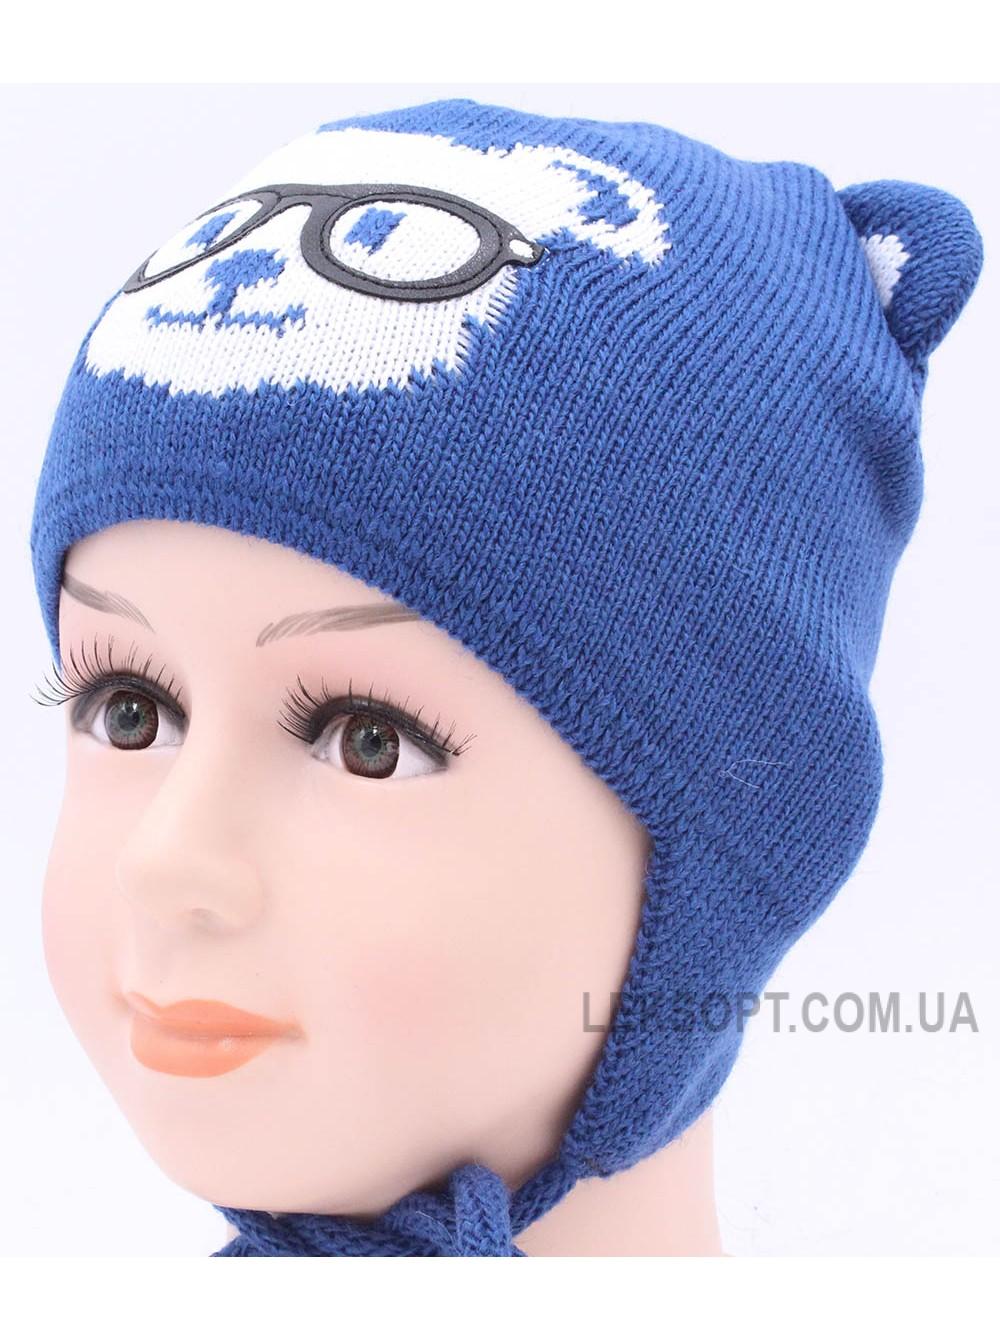 Детская вязаная шапка D40326-46-48